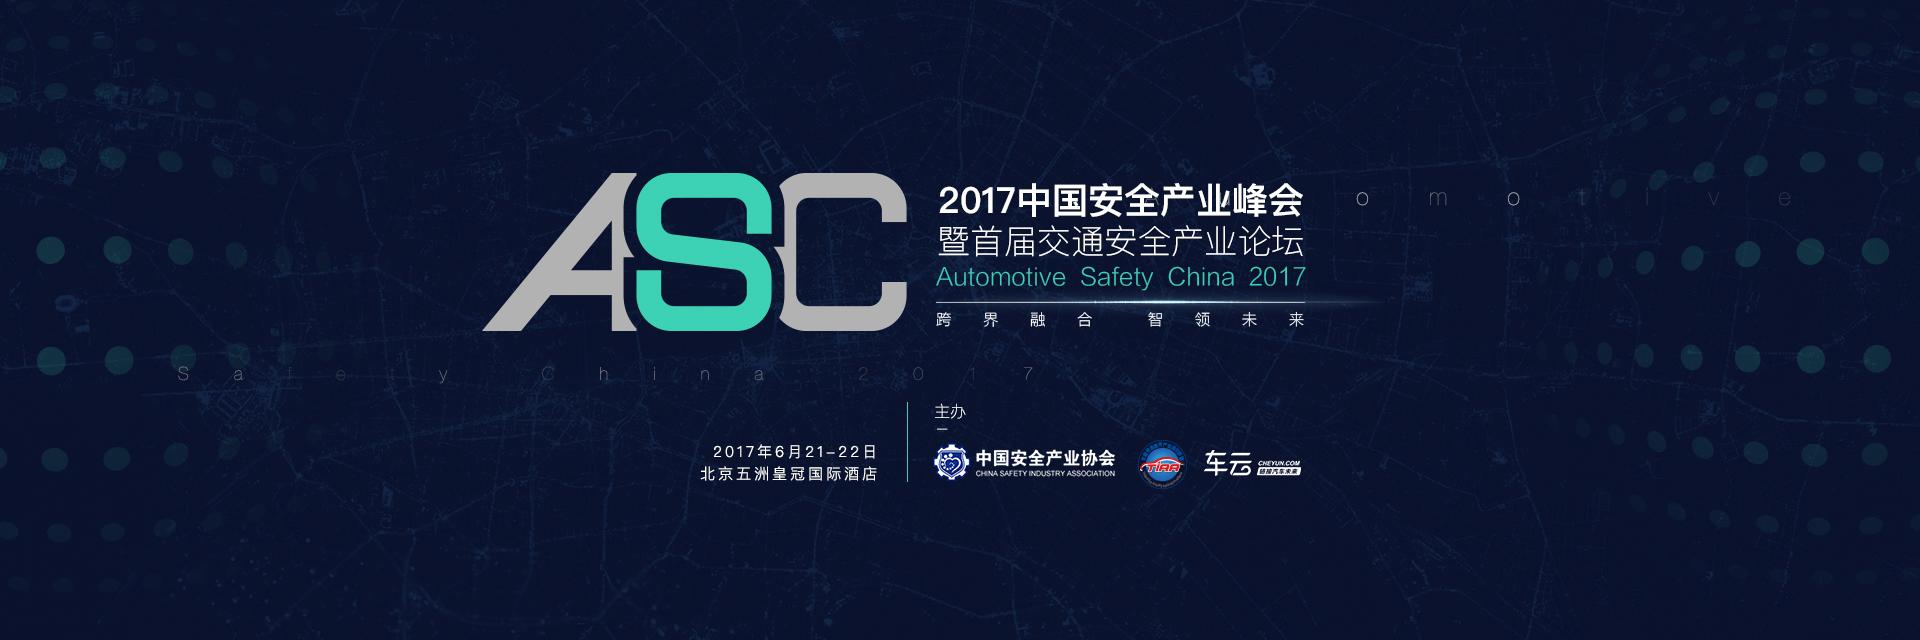 【专题】2017中国安全产业峰会暨首届交通安全产业论坛 - 车云网